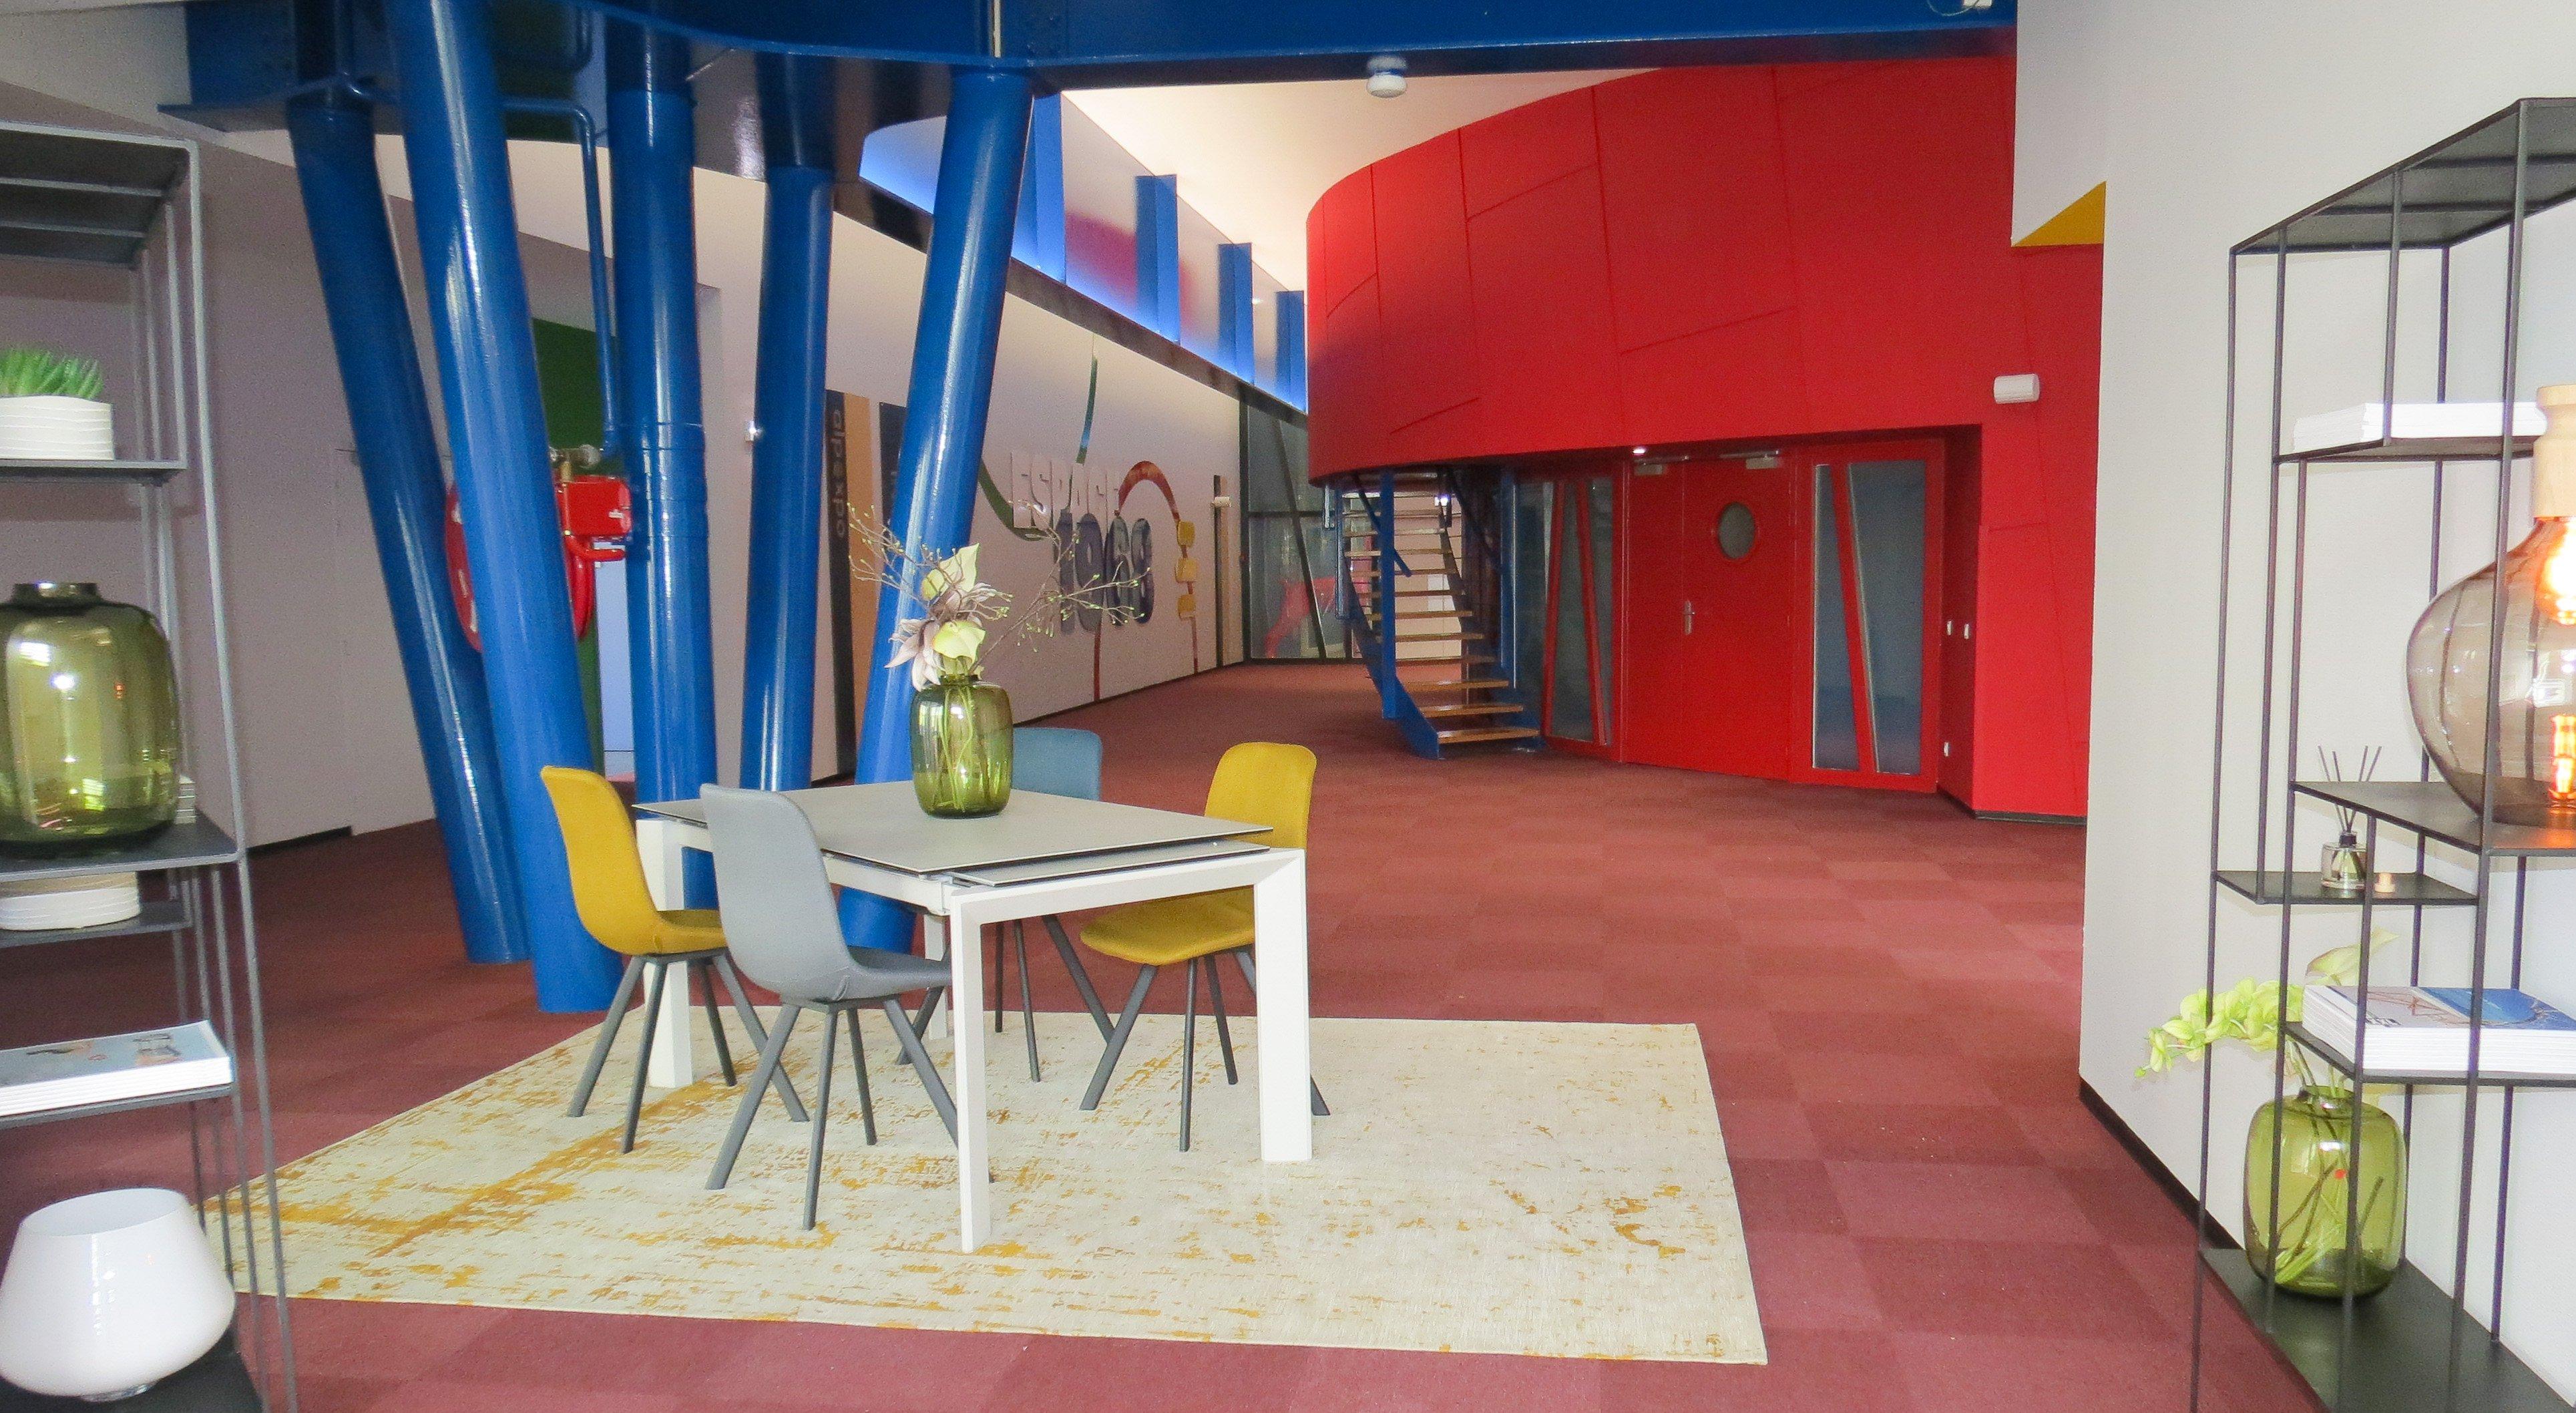 Espace 1968 exterieur Amphithéatre Jean Prouvé Credit Alpexpo.jpg